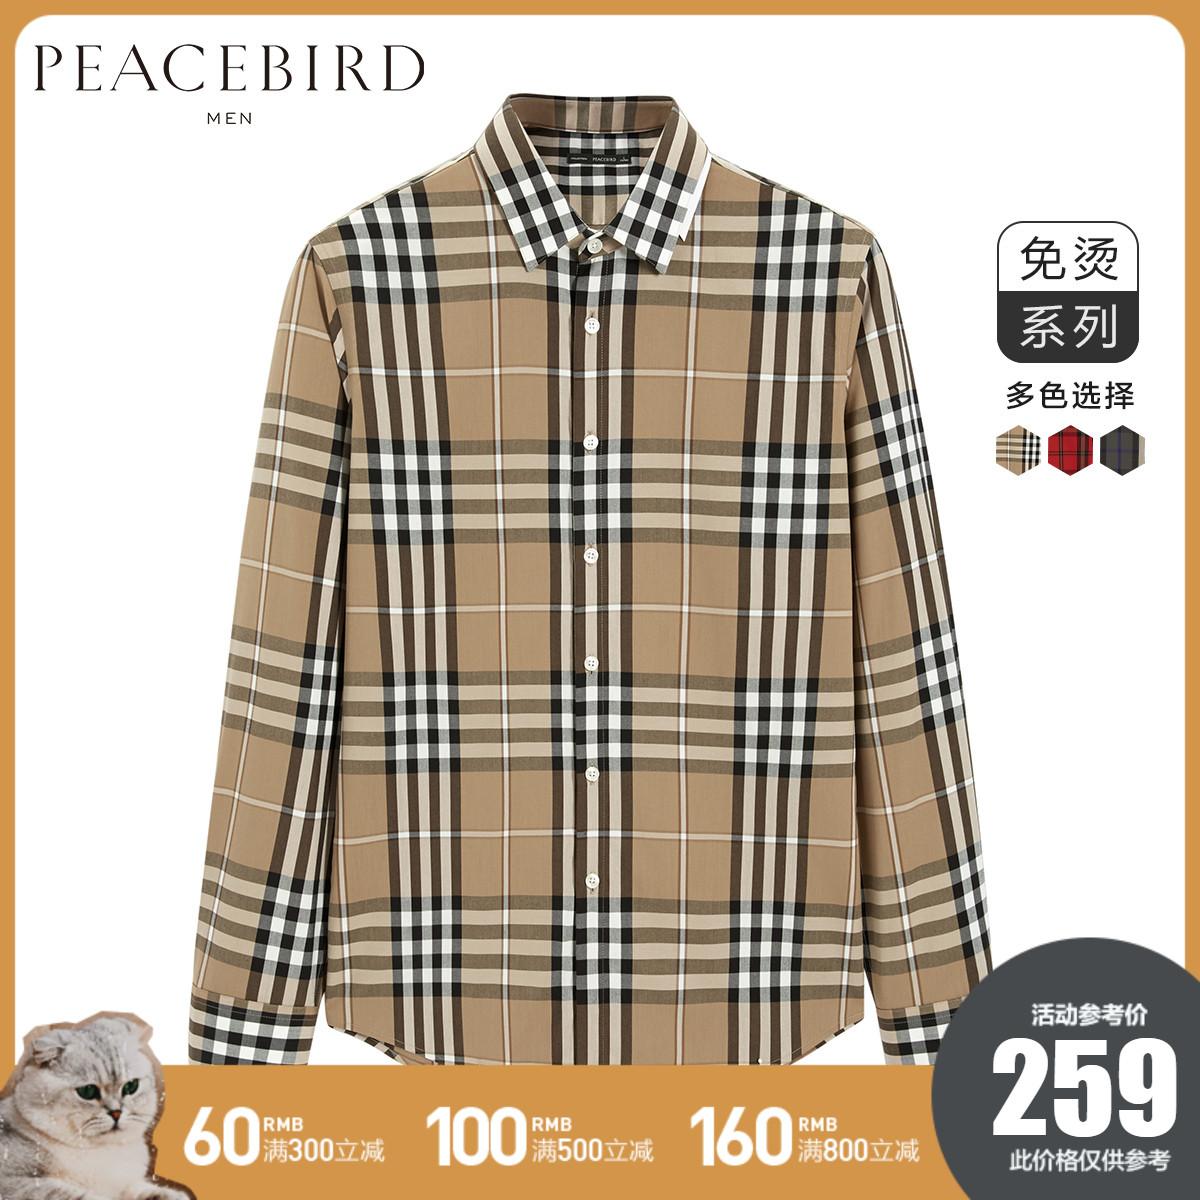 太平鸟男装 春季新款时尚格子潮流长袖衬衣青年男士韩版免烫衬衫